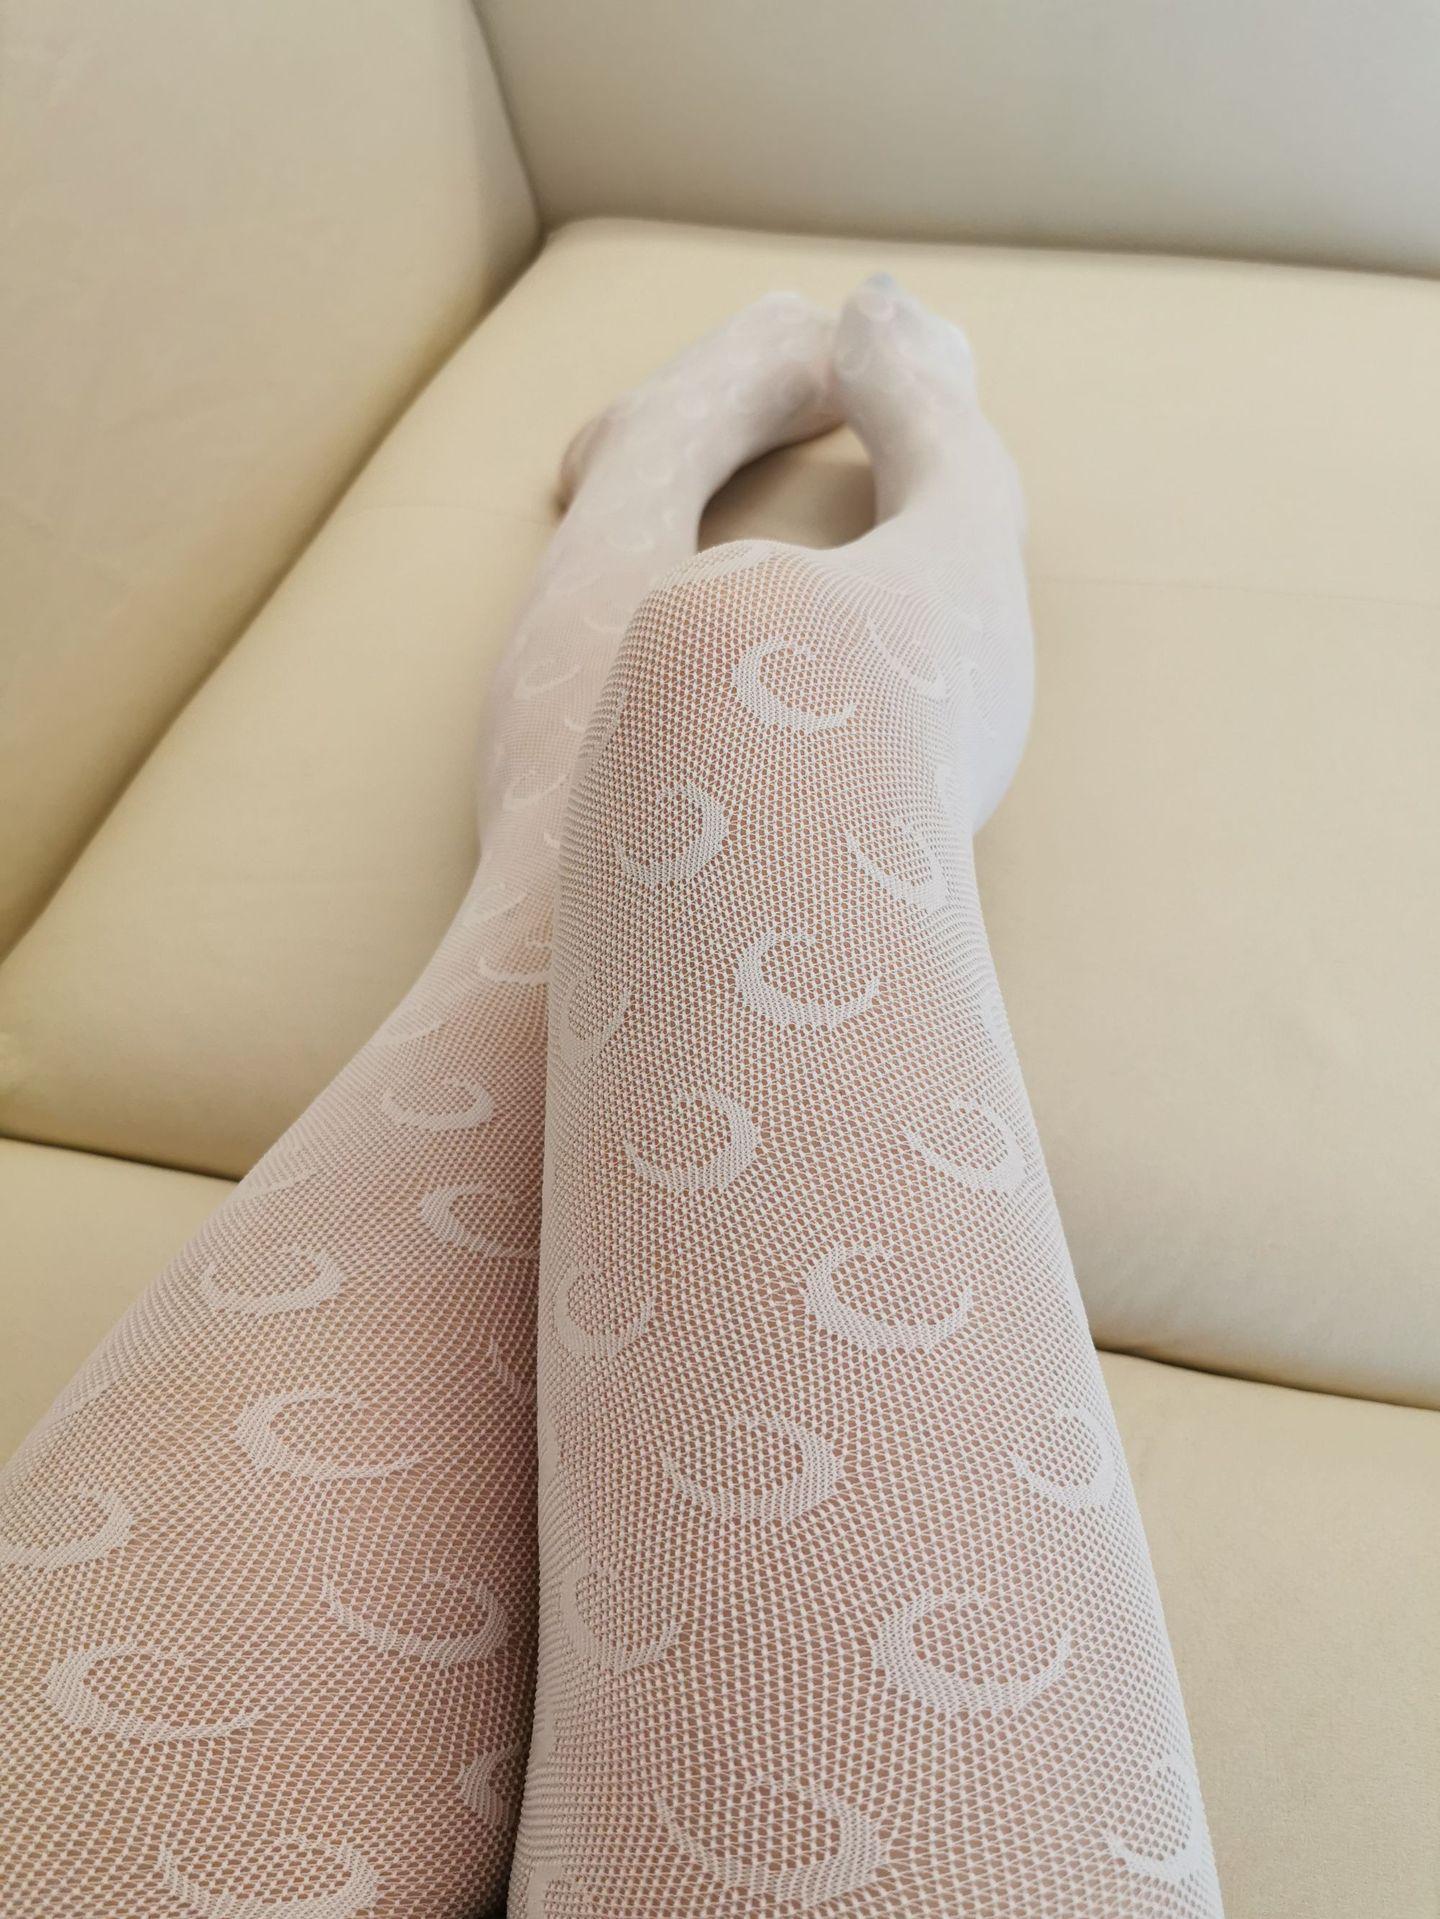 Donne sexy di modo calzamaglia calza nuove donne di arrivo Solido calzini lunghi di colore con Luna Stampato signore biancheria intima calza 2 ColorsMA 01